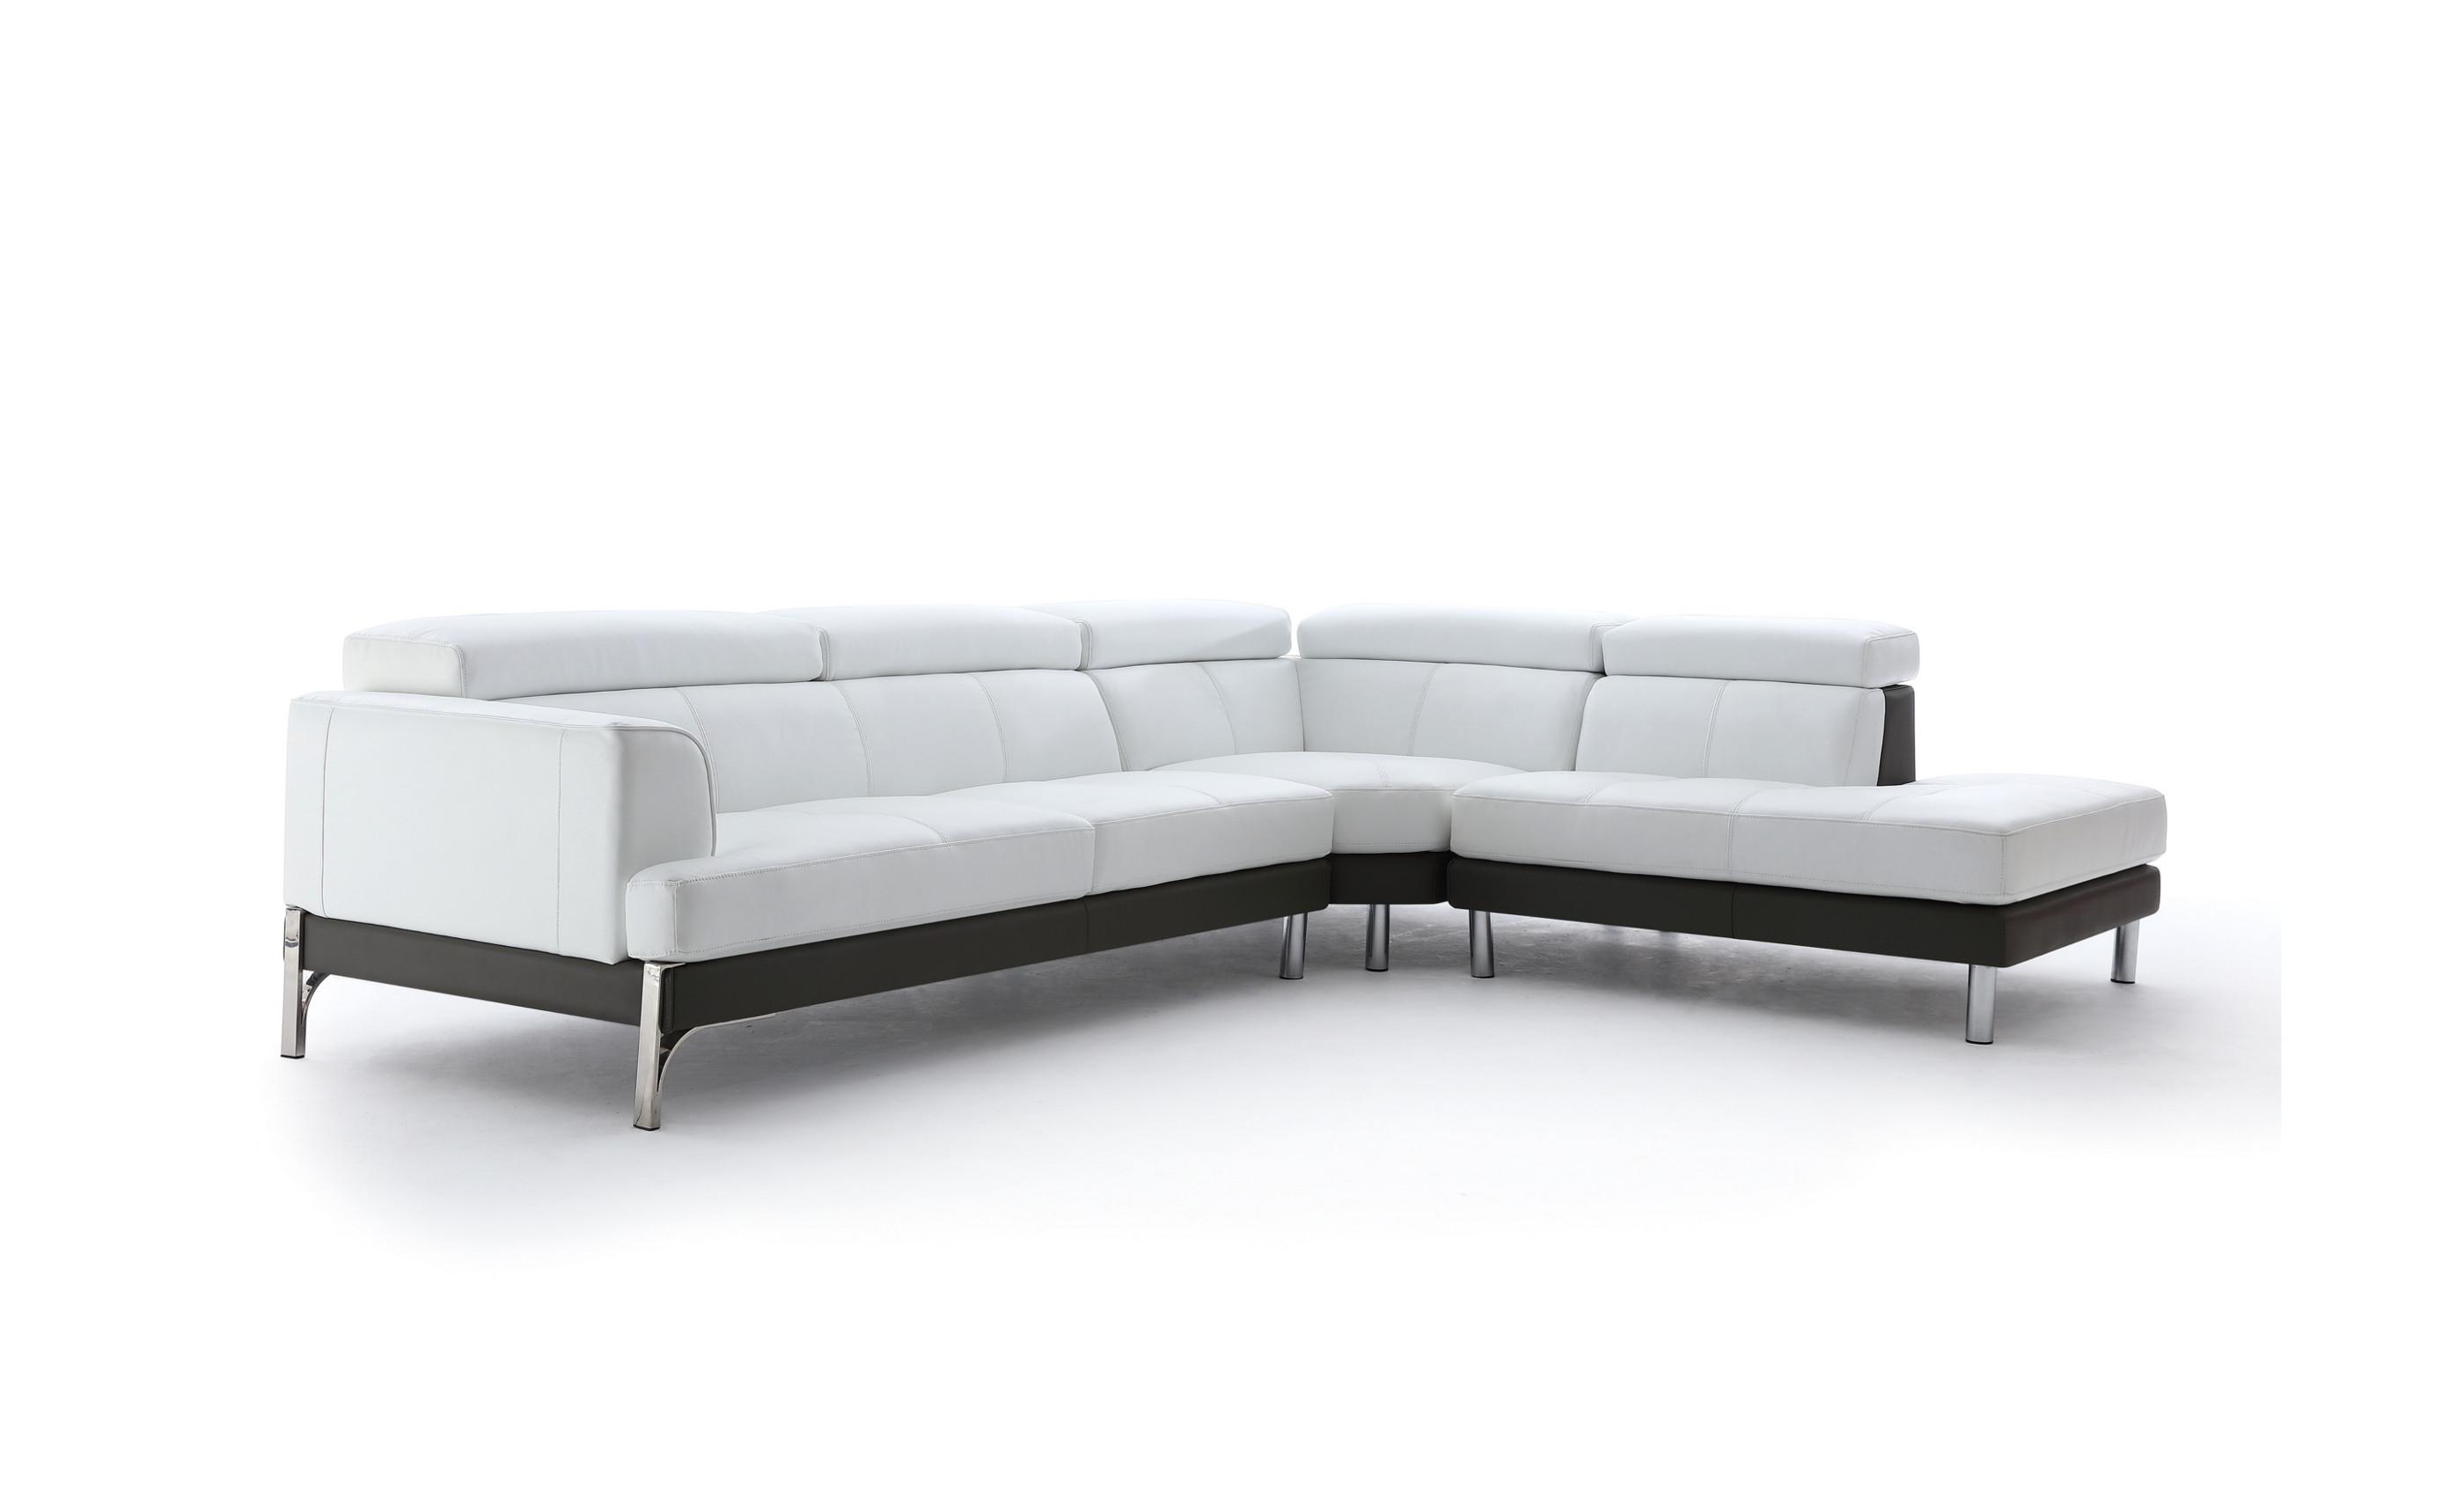 Buy Plaza Leather Corner Sofa Online in London, UK | Denelli